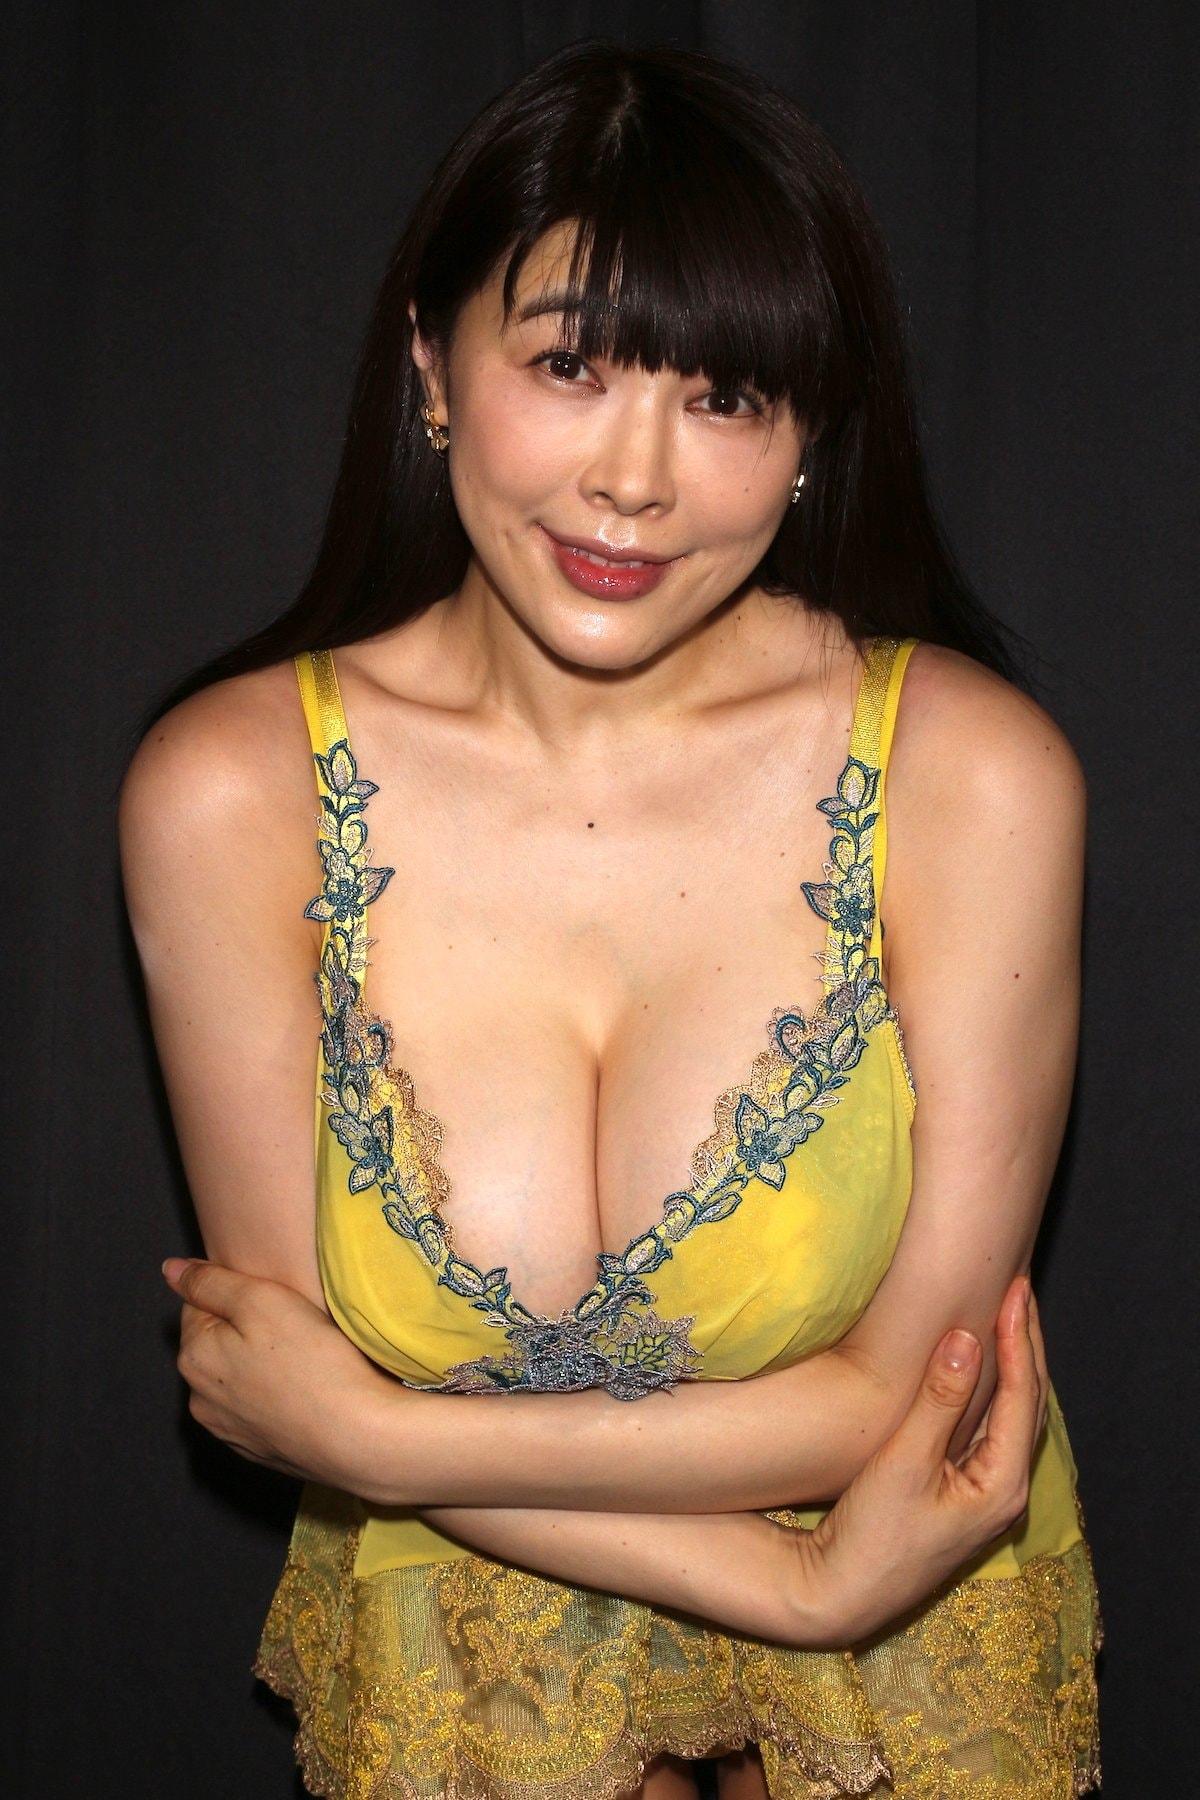 松坂南「襦袢を着崩してMっぽい雰囲気に」和風セクシーに挑戦【画像46枚】の画像044